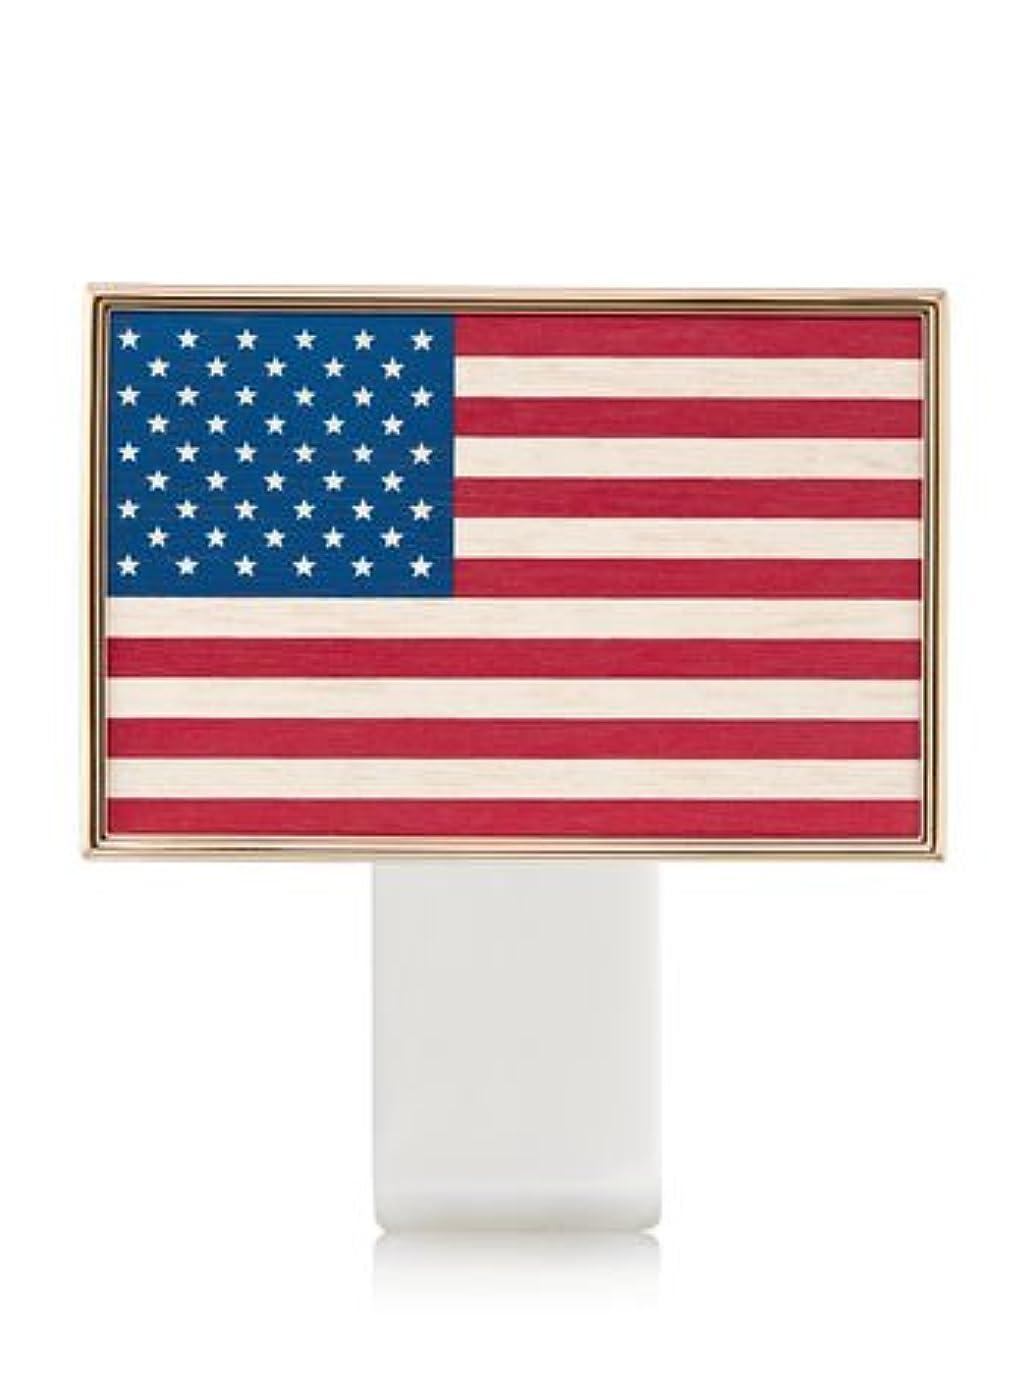 ホバー橋リンス【Bath&Body Works/バス&ボディワークス】 ルームフレグランス プラグインスターター (本体のみ) アメリカンフラッグ Wallflowers Fragrance Plug American Flag [並行輸入品]